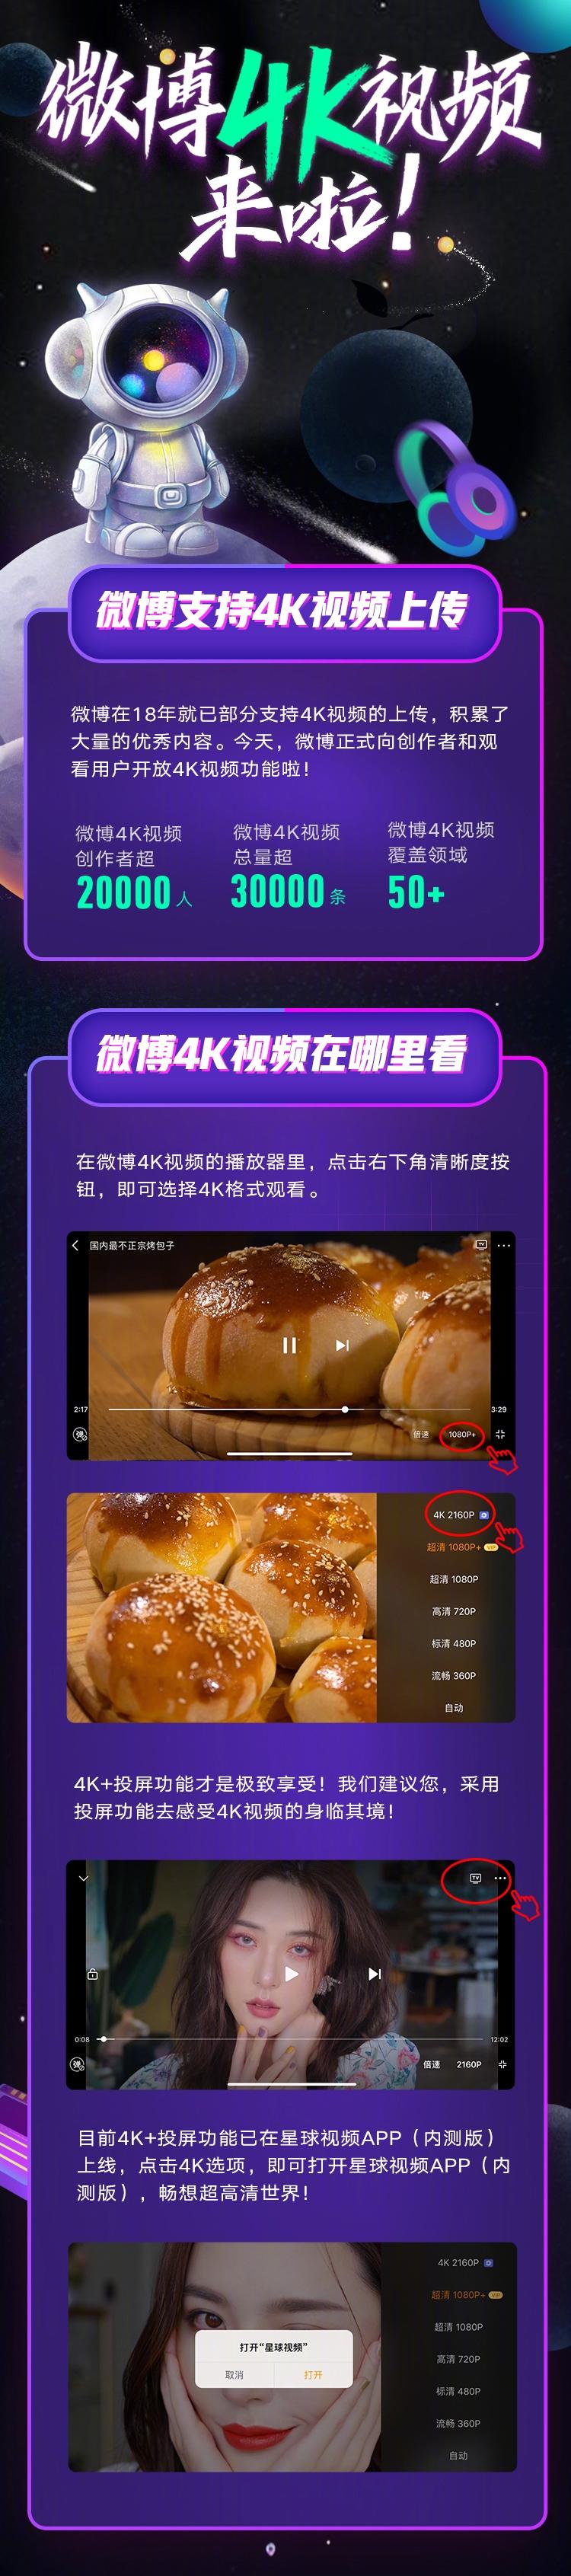 继B站后新浪微博也全面开放4K视频 所有创作者可上传/所有用户可观看4K版